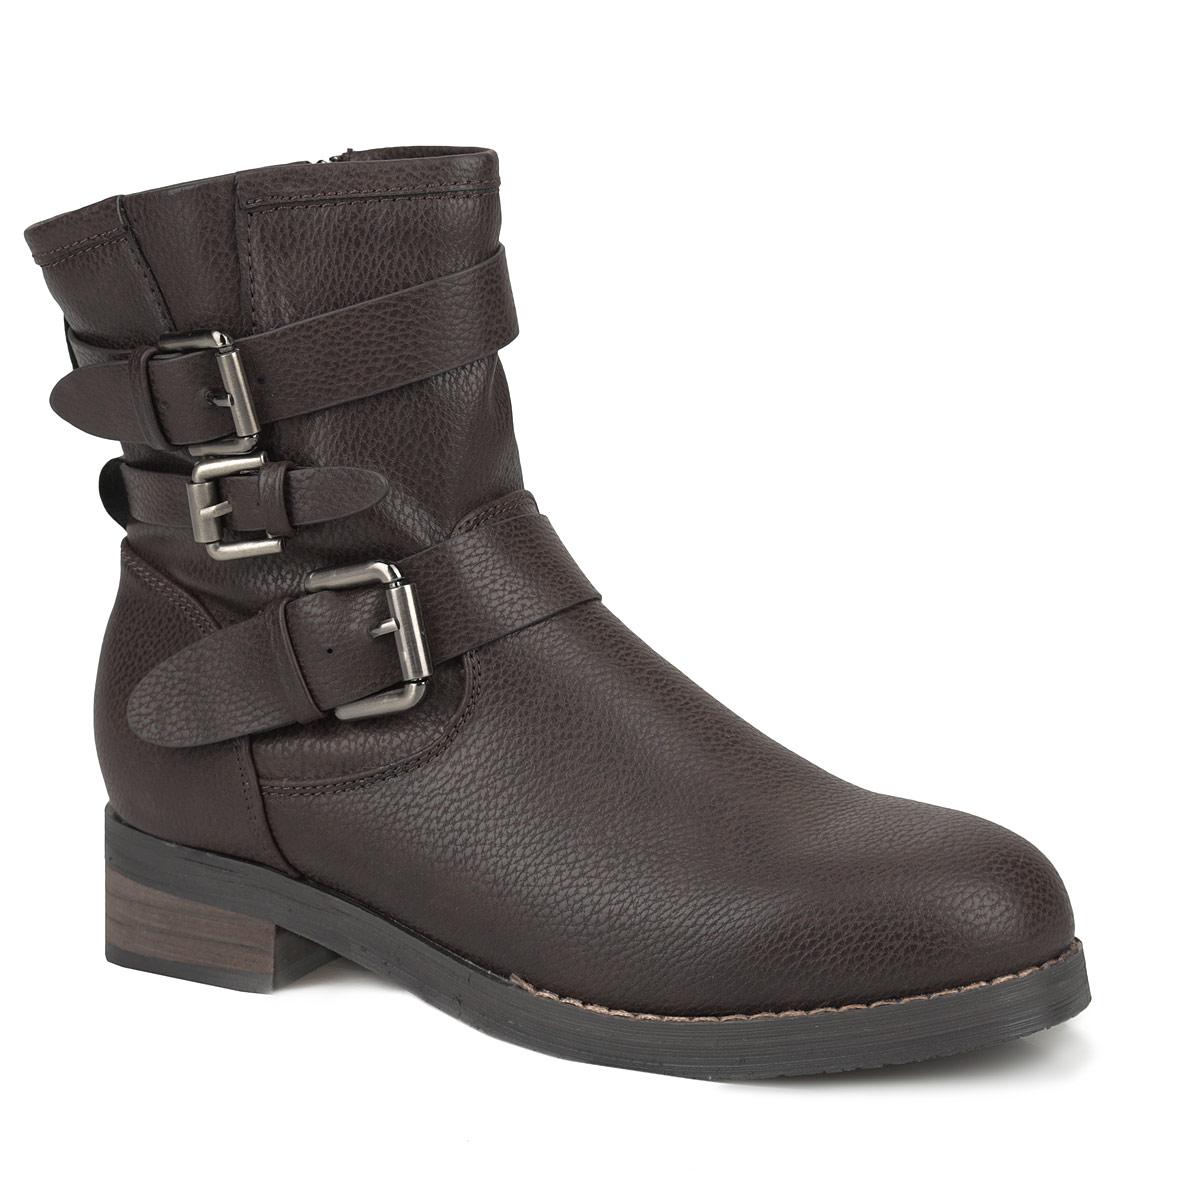 YA3-037-01 KXУдобные ботинки от Yaro займут достойное место в вашем гардеробе. Модель выполнена из искусственной кожи и оформлена фактурным тиснением, лаконичной прострочкой, тремя декоративными ремешками с металлическими пряжками (один ремешок расположен на подъеме, два ремешка, пропущенные через шлевки на заднем ремне, украшают голенище). Ботинки застегиваются при помощи застежки-молнии, расположенной на одной из боковых сторон. Подкладка и стелька из байки согреют ваши ноги в холодную погоду. Умеренной высоты каблук стилизован под дерево. Рифленая поверхность подошвы гарантирует отличное сцепление с любыми поверхностями. В таких ботинках вы всегда будете чувствовать себя уютно и комфортно!